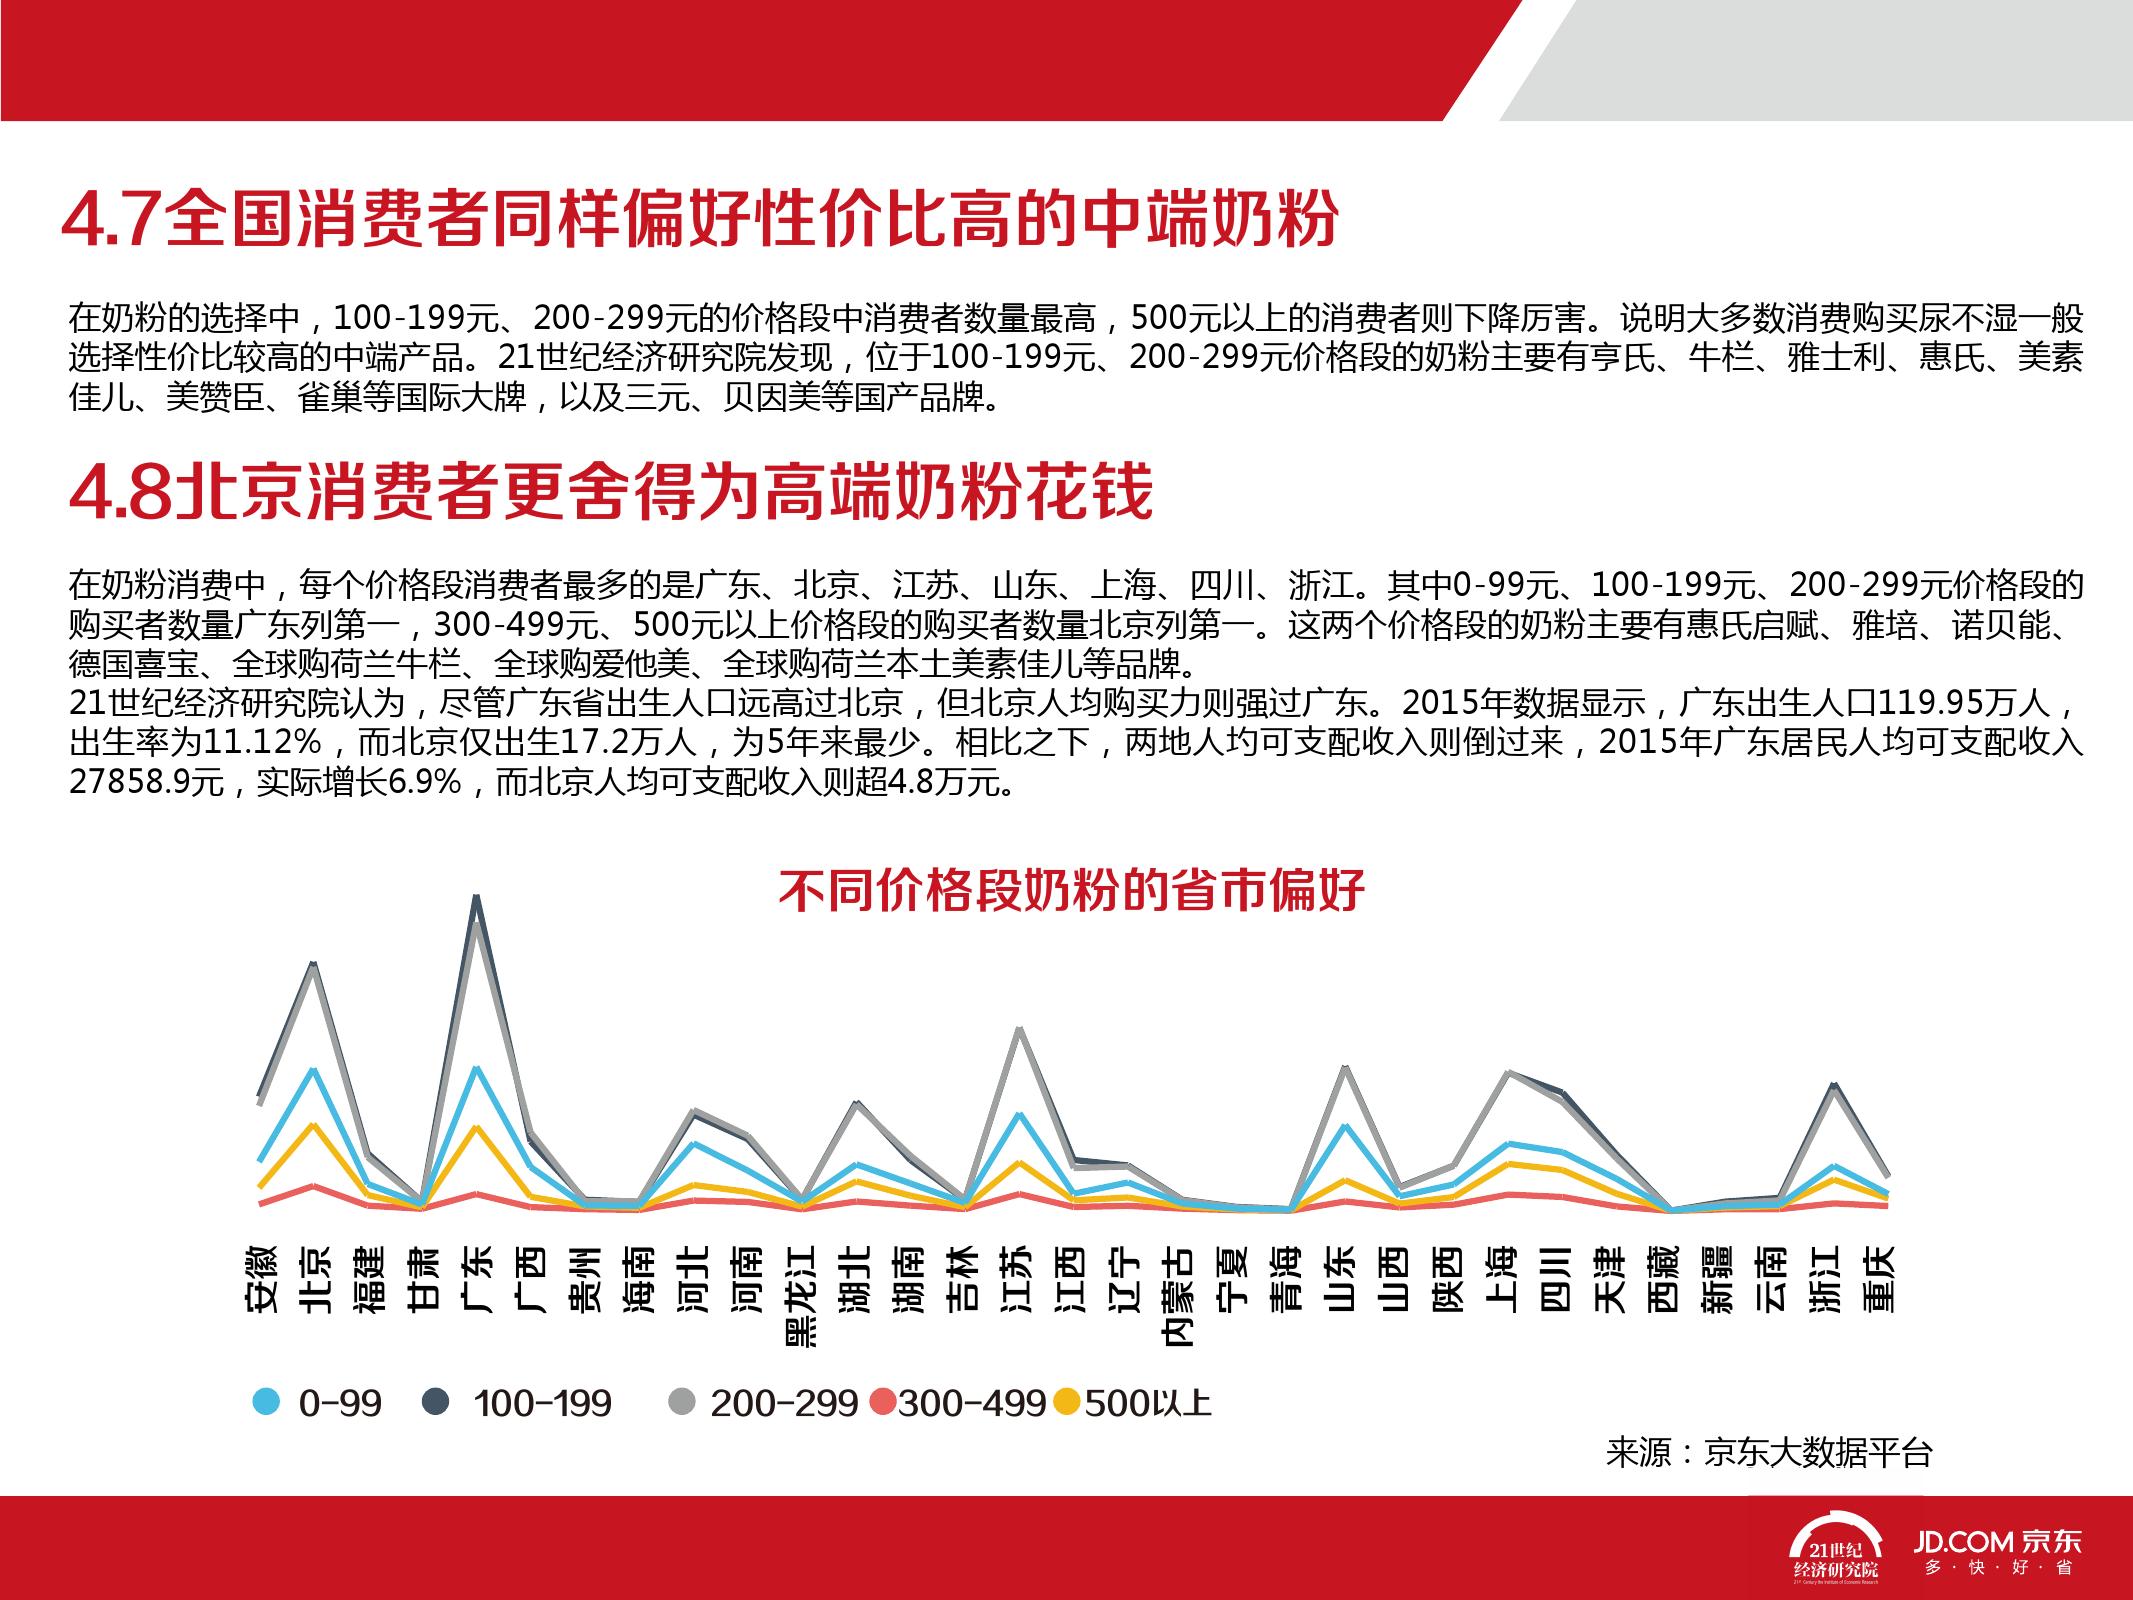 2016中国母婴产品消费趋势报告_000050